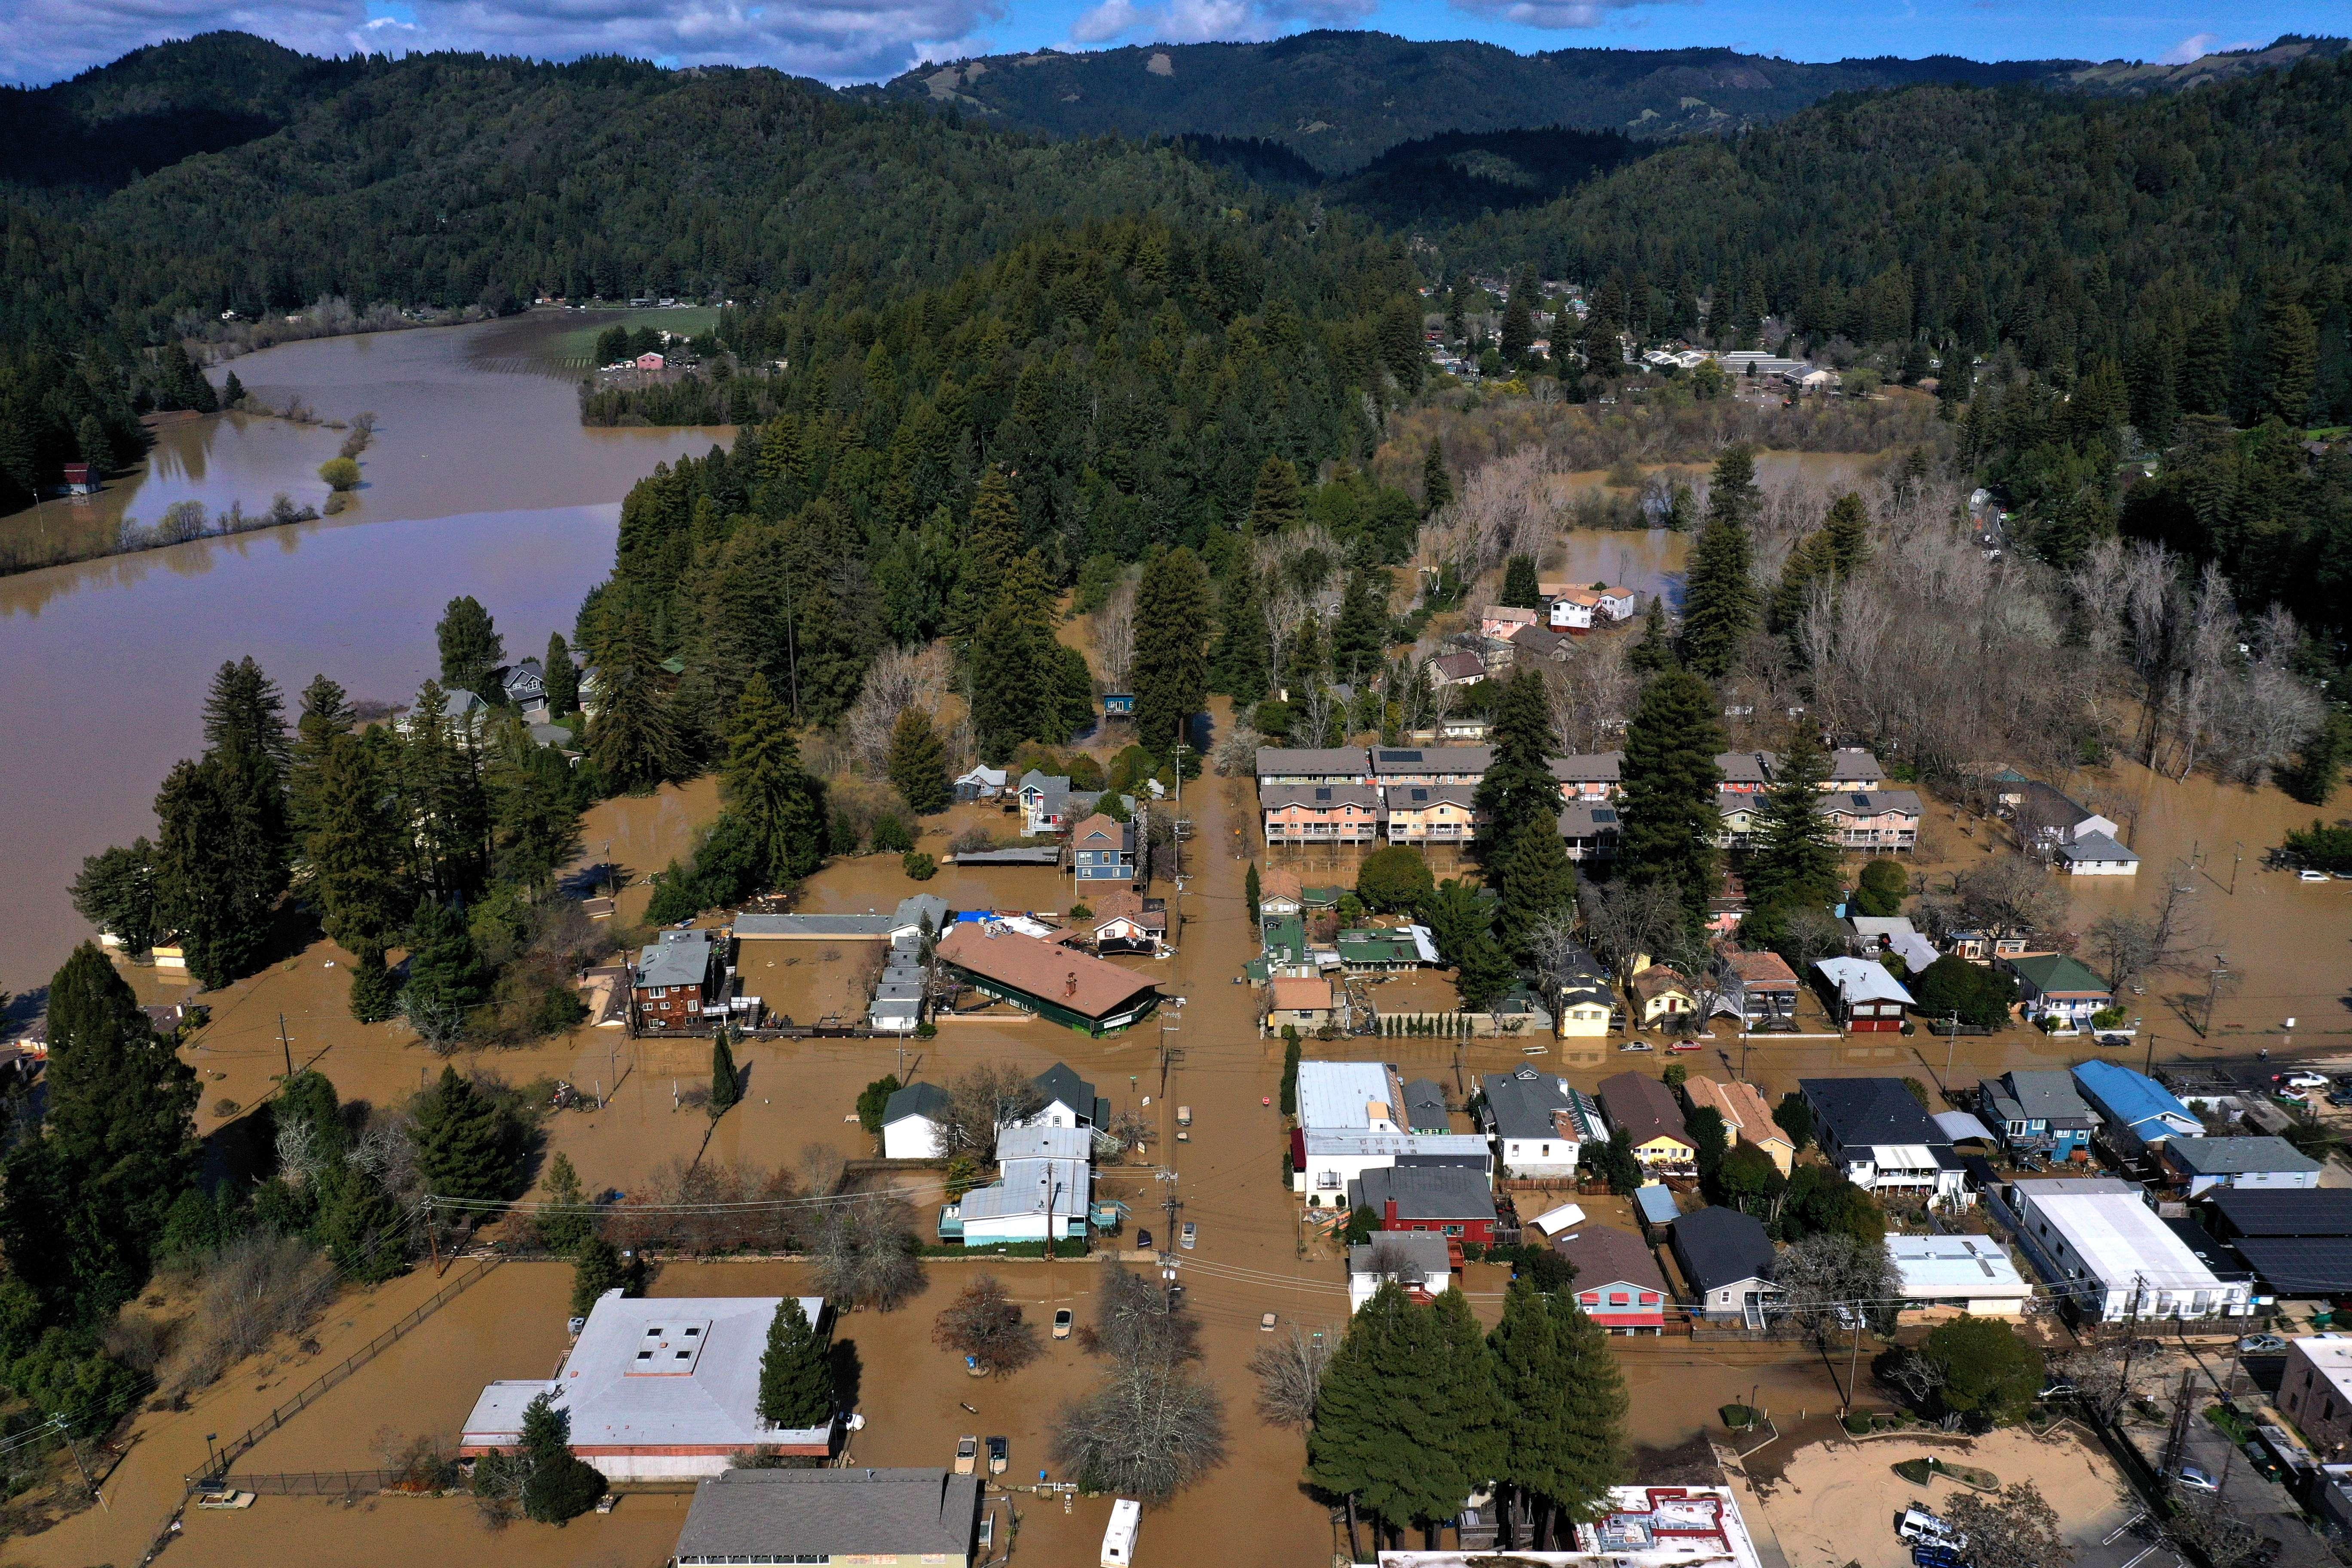 Vista aérea de la localidad de Guerneville, California, donde el río Russian anegó a varios poblados con las primeras lluvias. (Foto Prensa Libre: AFP)